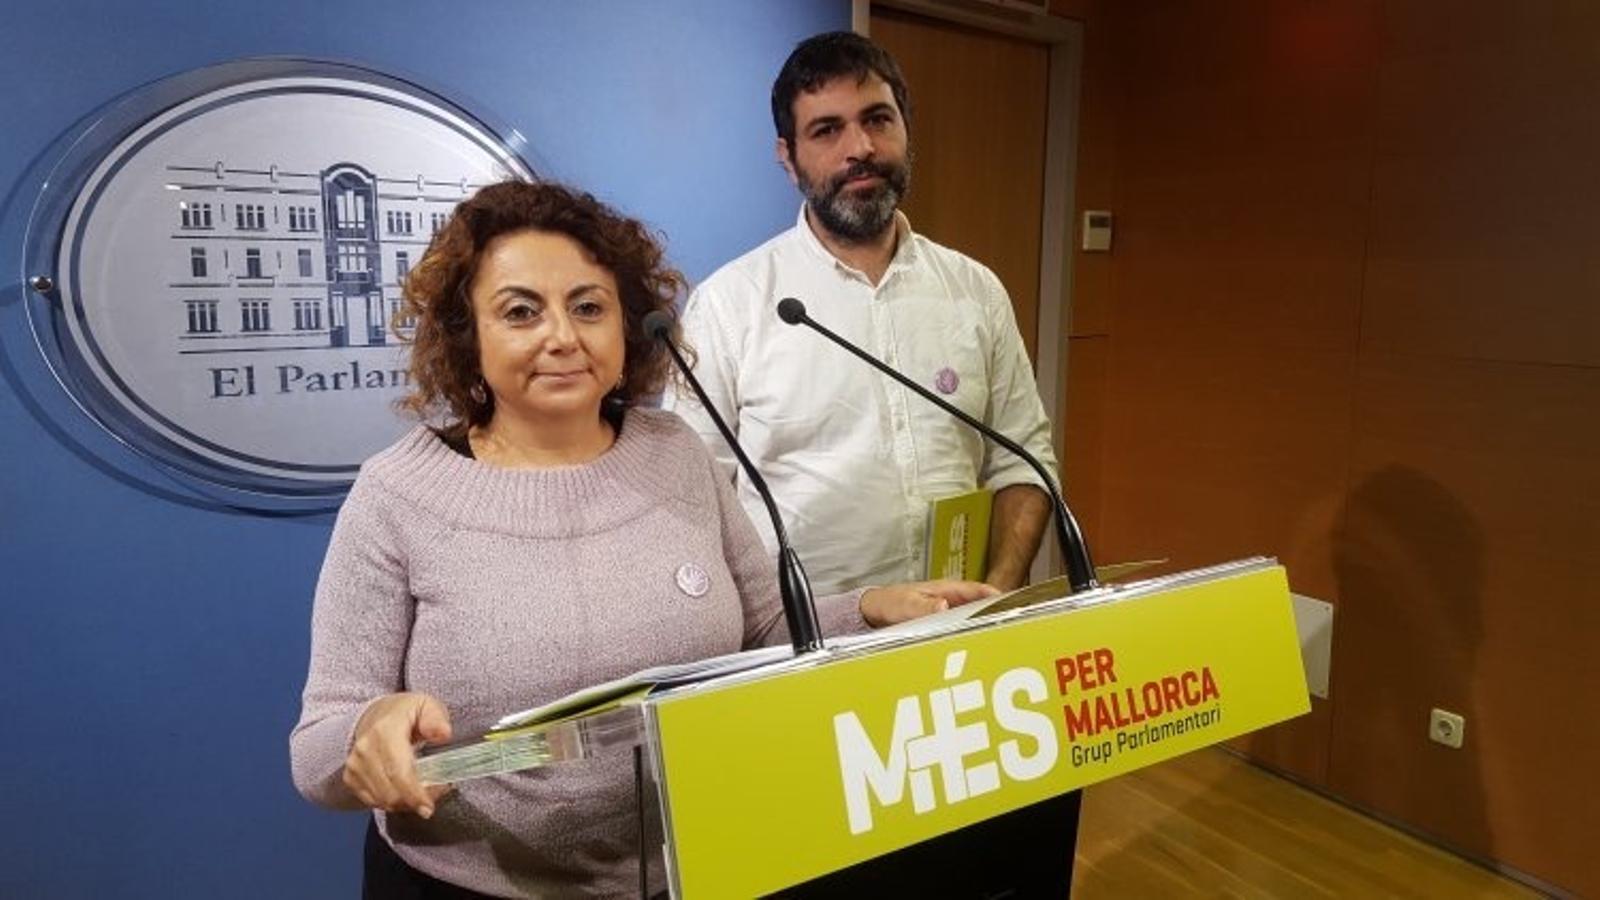 Joana Aina Campomar i Josep Ferrà durant una roda de premsa